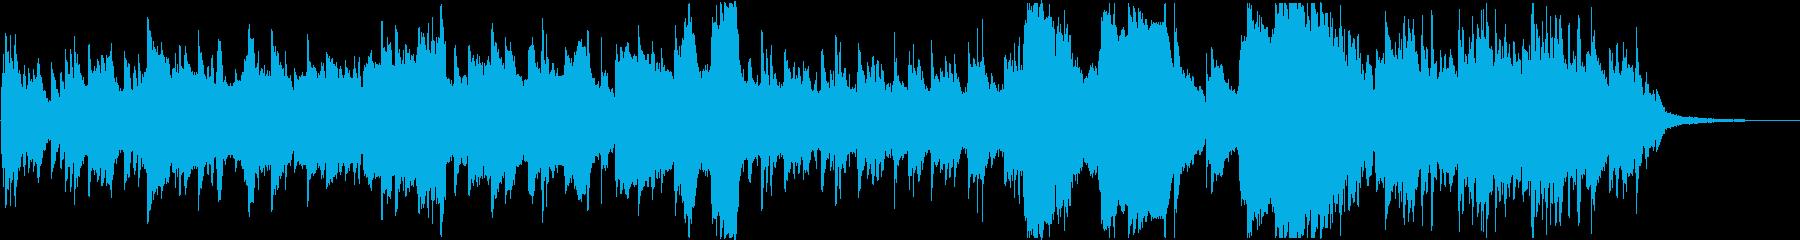 和楽器とピアノによる穏やかな曲ですの再生済みの波形